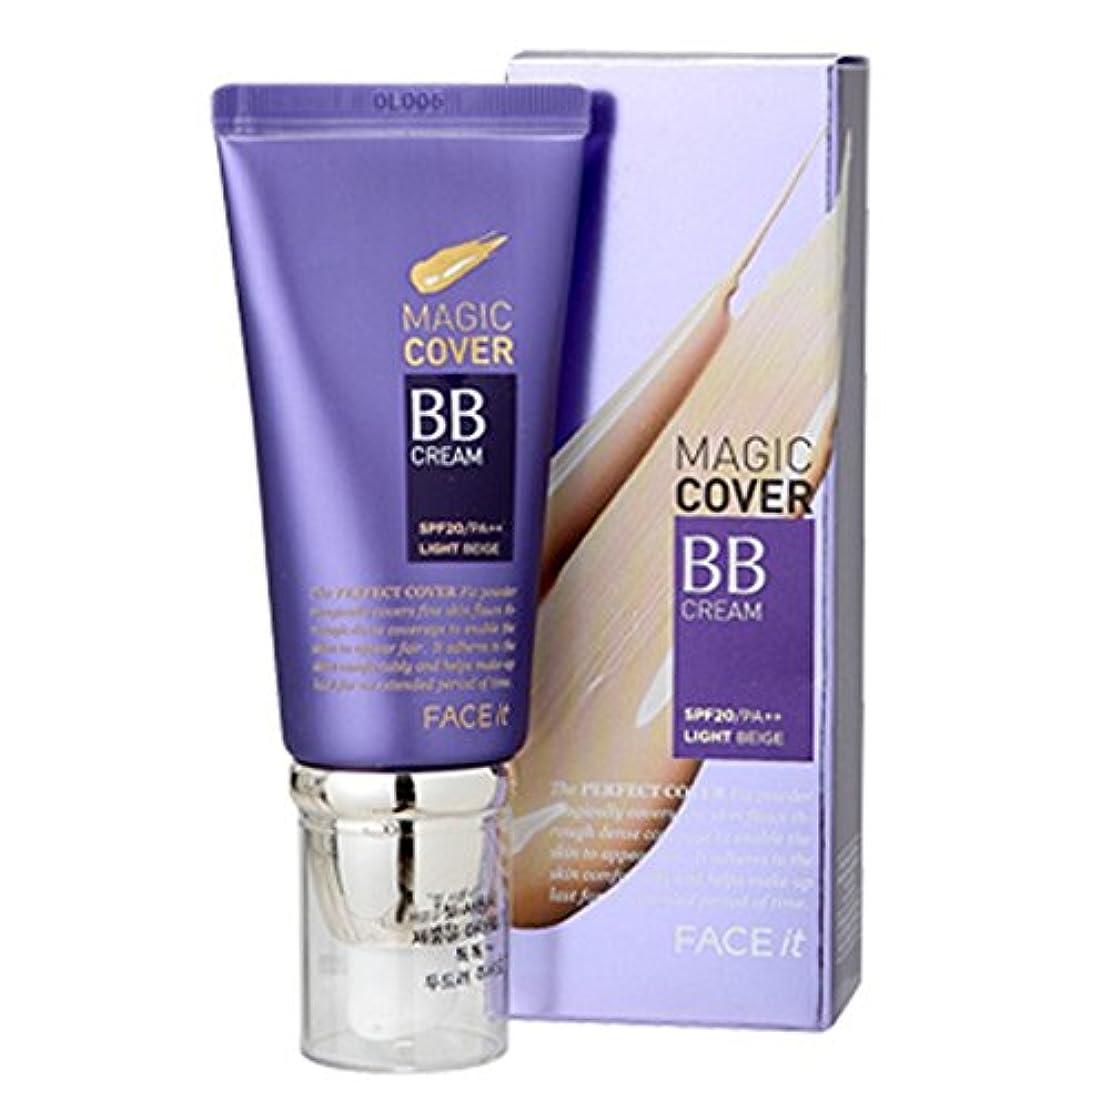 ピカソレンディション嵐ザフェイスショップ The Face Shop Face It Magic Cover BB Cream 45ml (01 Light Beige)